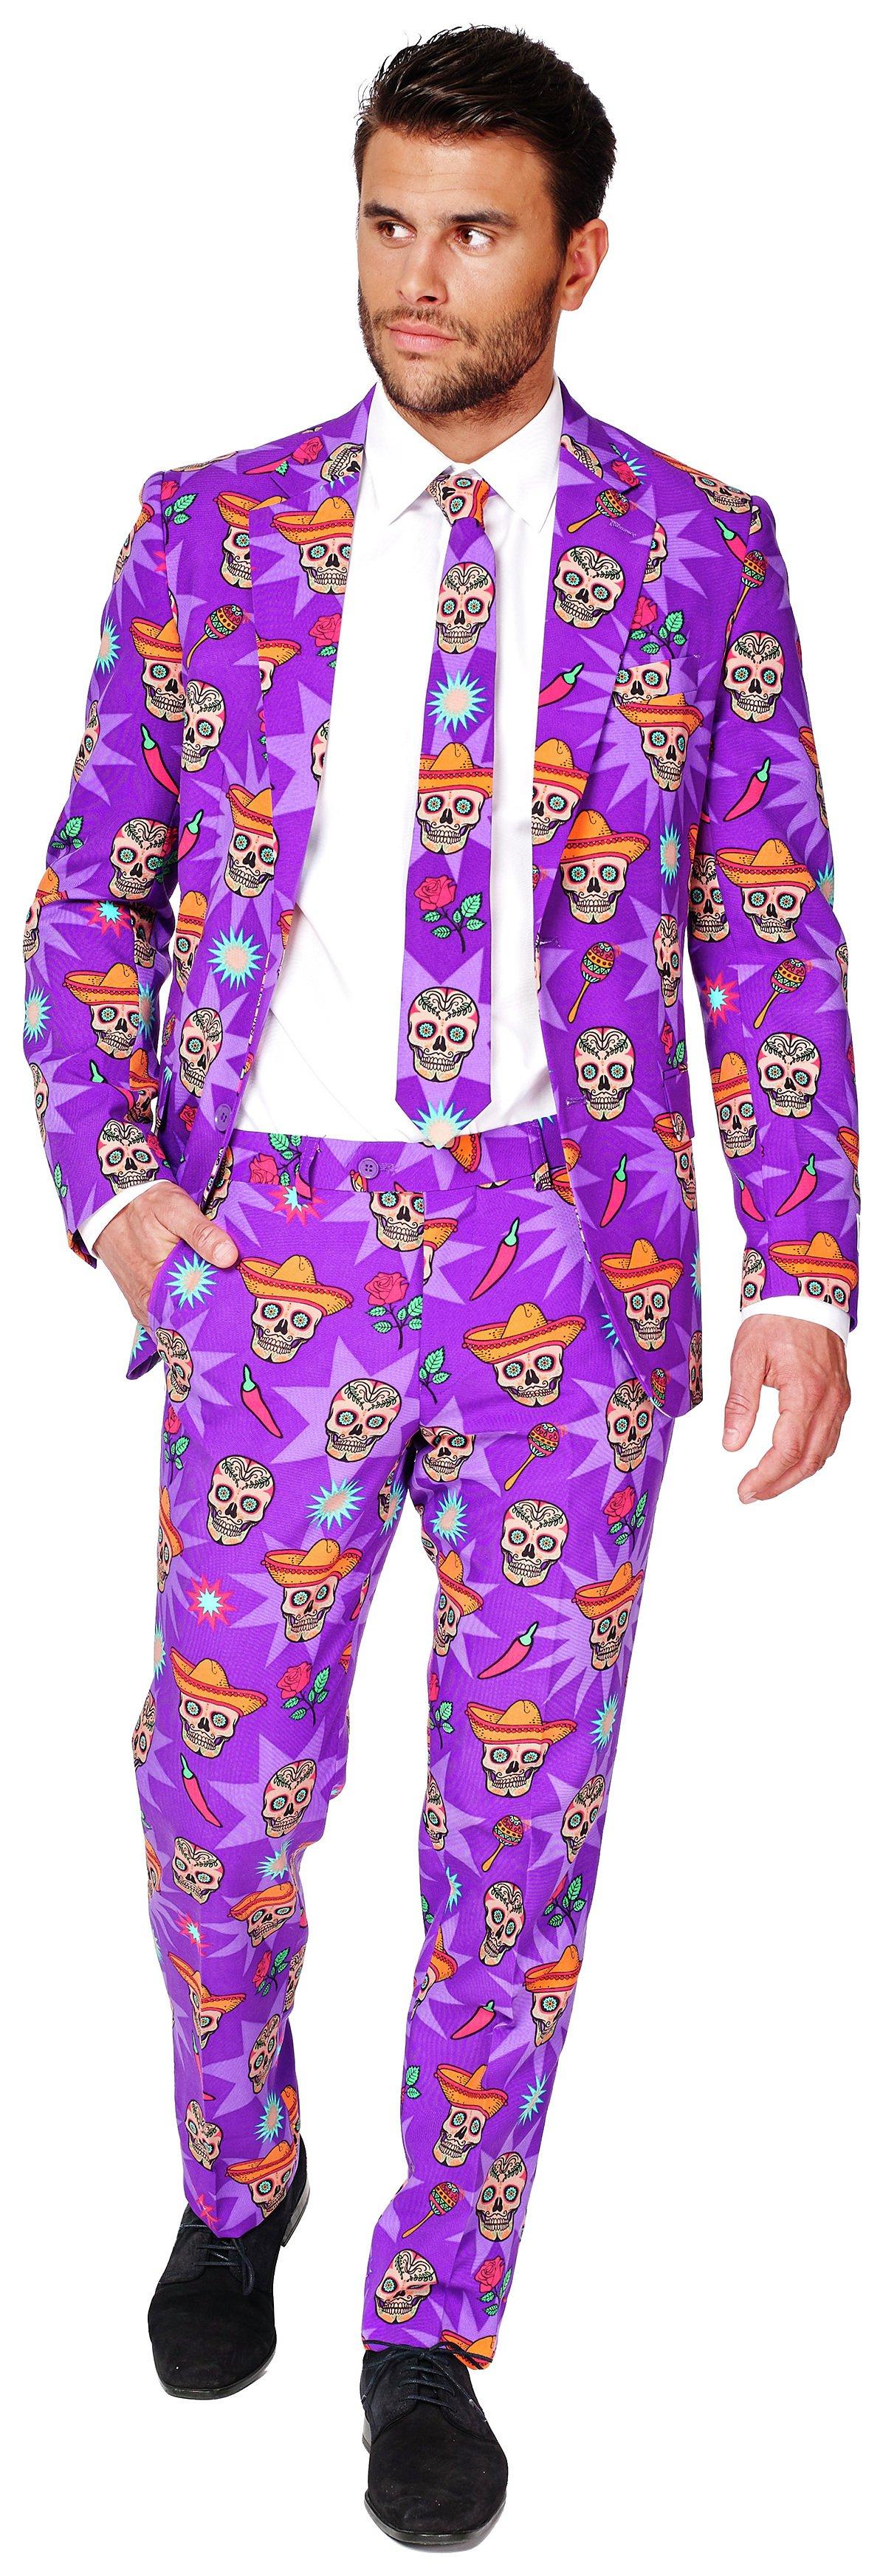 opposuit-el-muerto-suit-chest-48